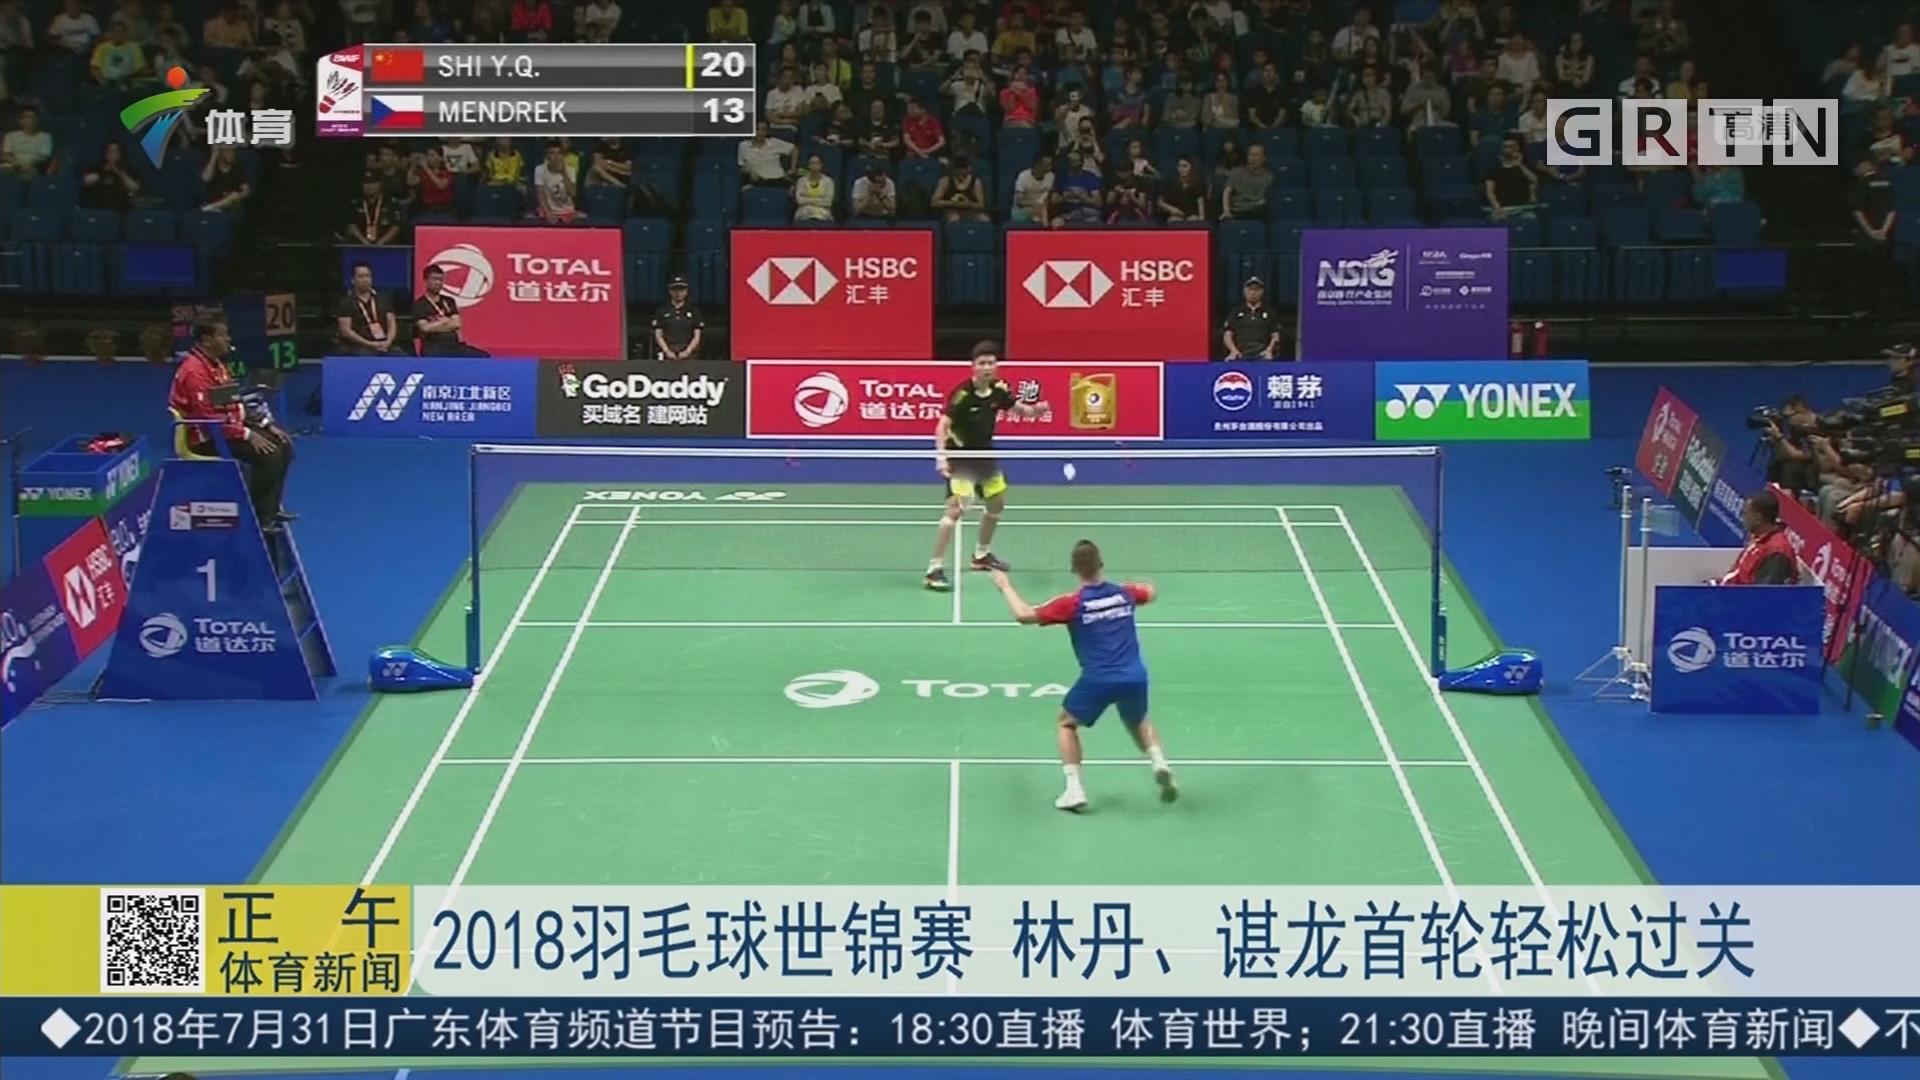 2018羽毛球世锦赛 林丹、谌龙首轮轻松过关